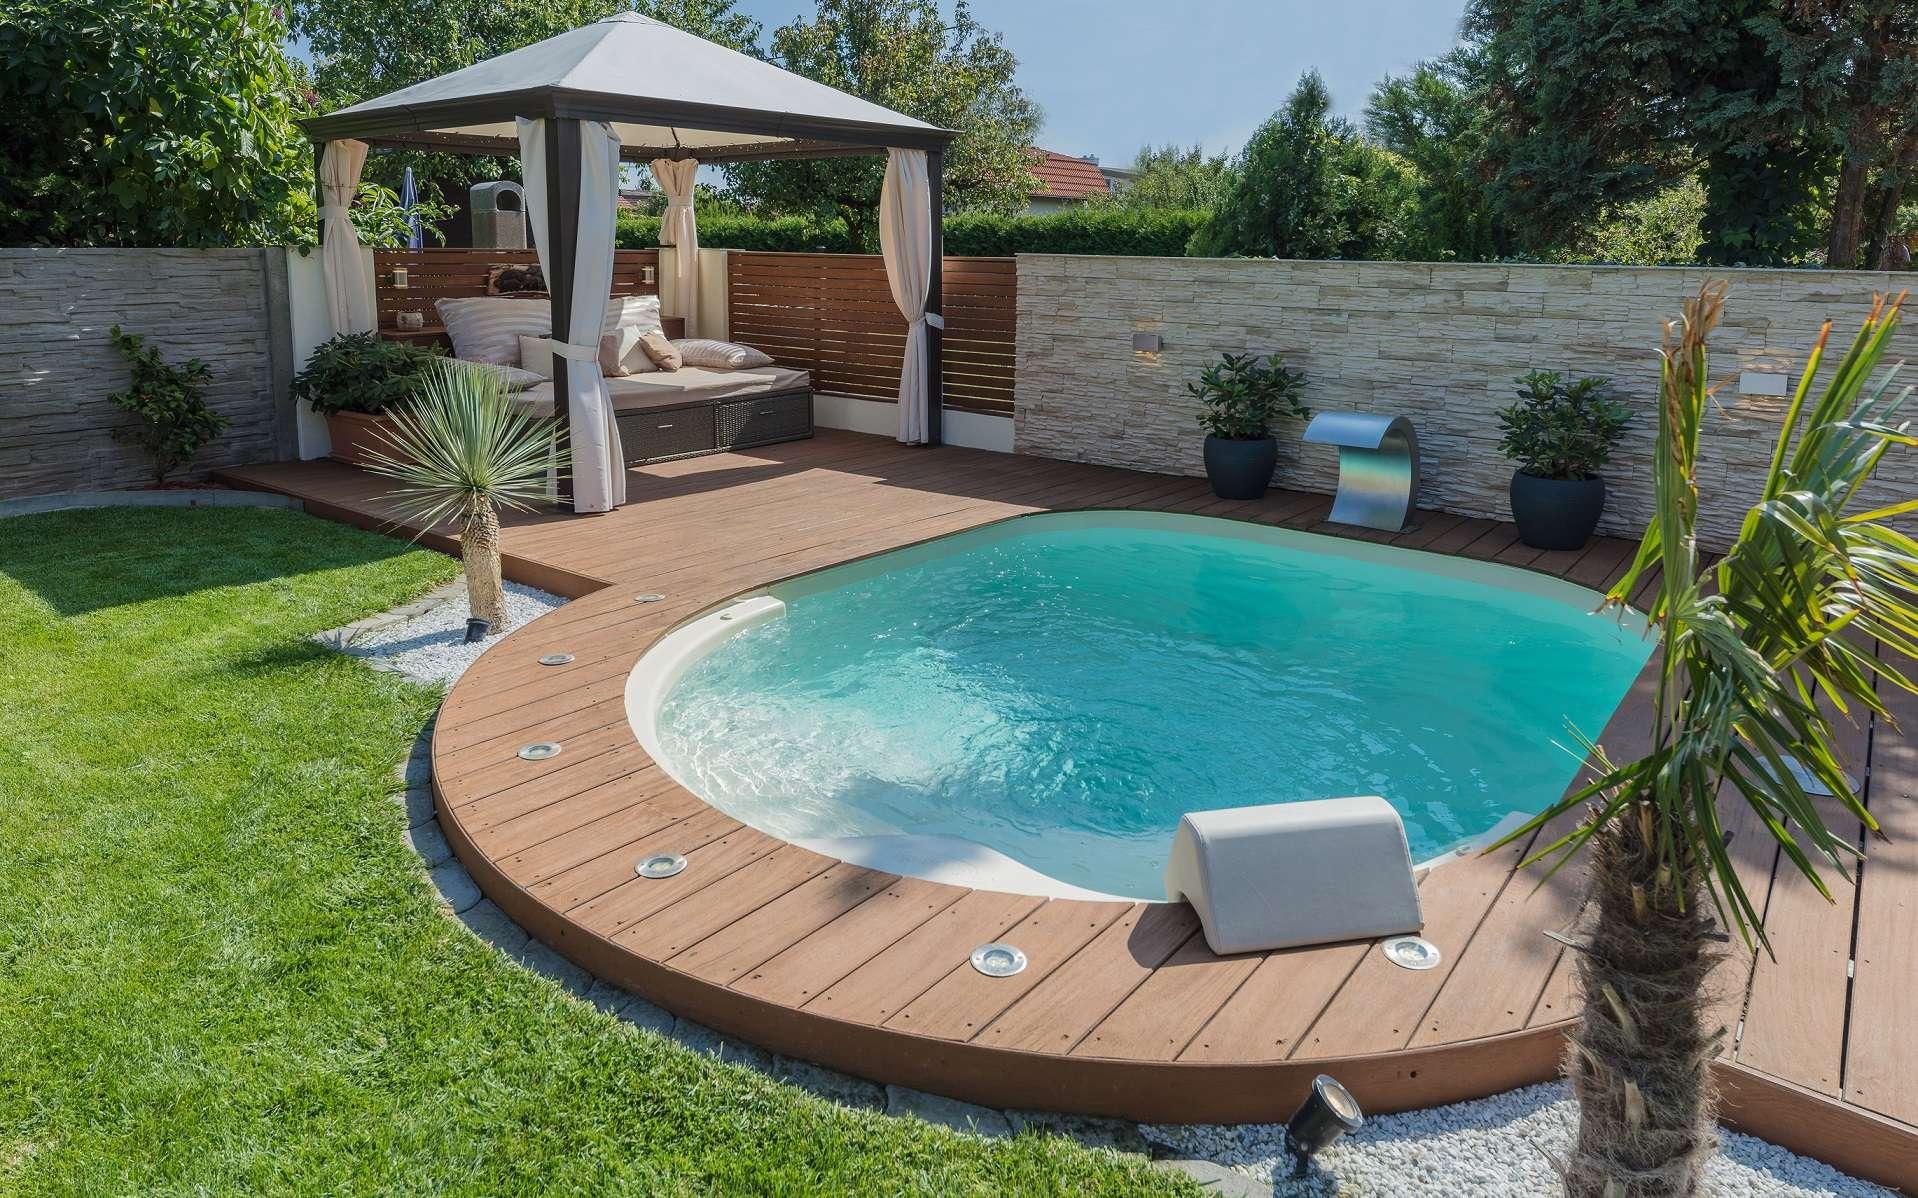 Les mini-piscines sont tout aussi bien équipées que les grandes et permettent de profiter d'un espace de détente et de bien-être même dans les plus petits jardins. © Waterair